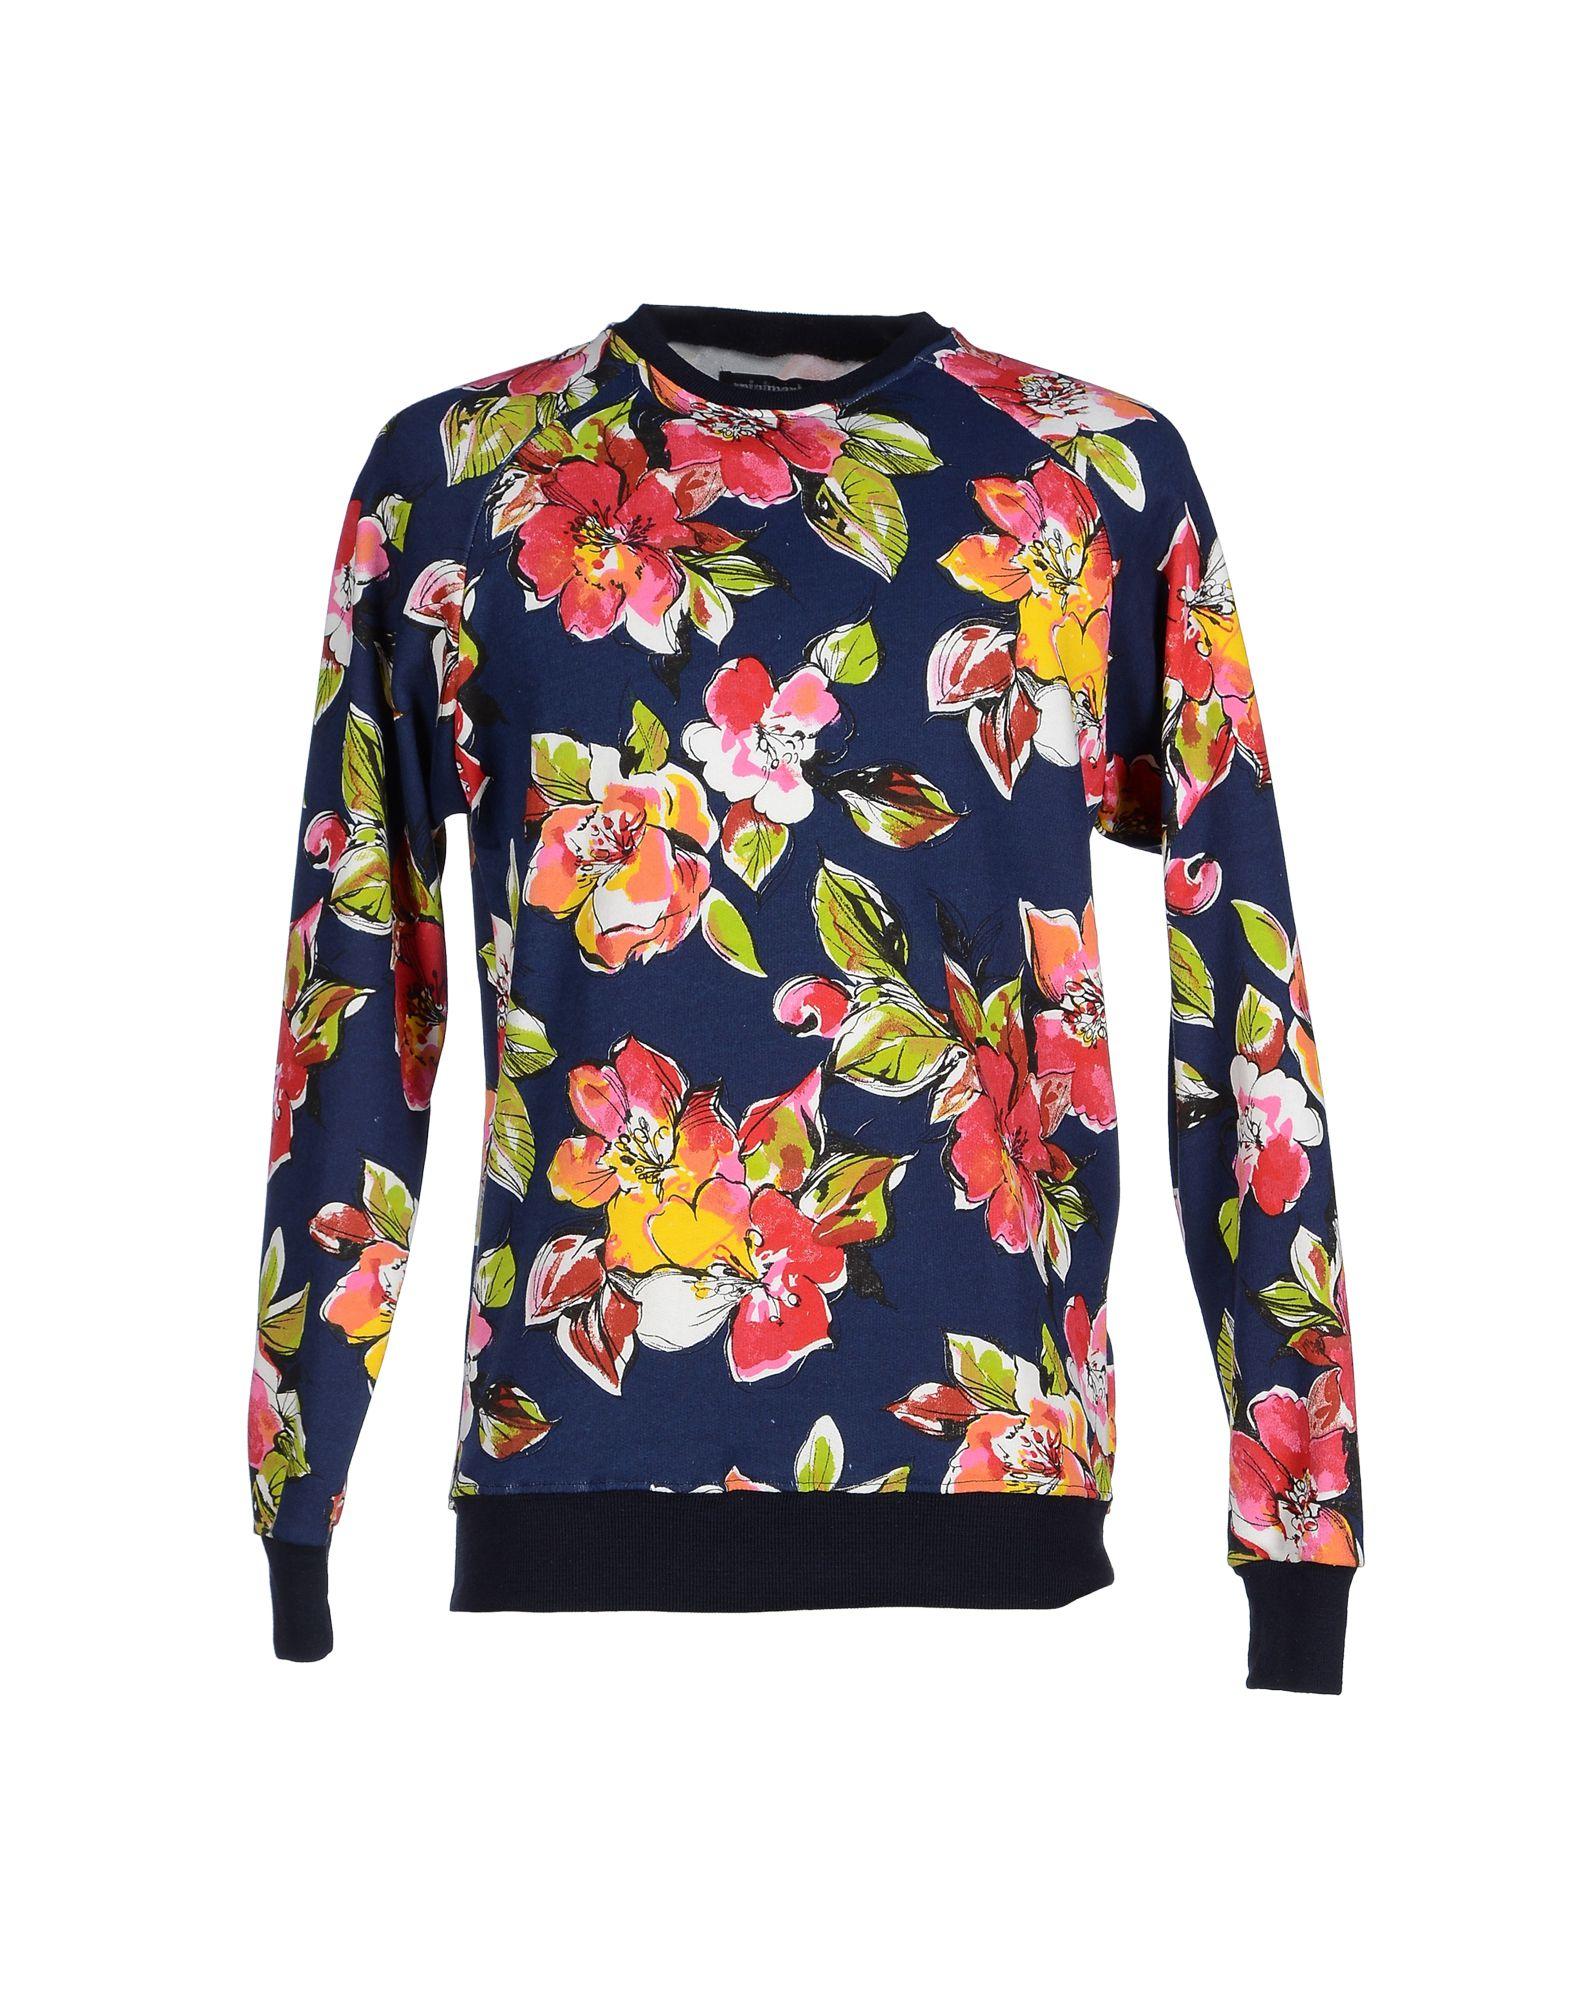 MINIMARKET Sweatshirt in Dark Blue